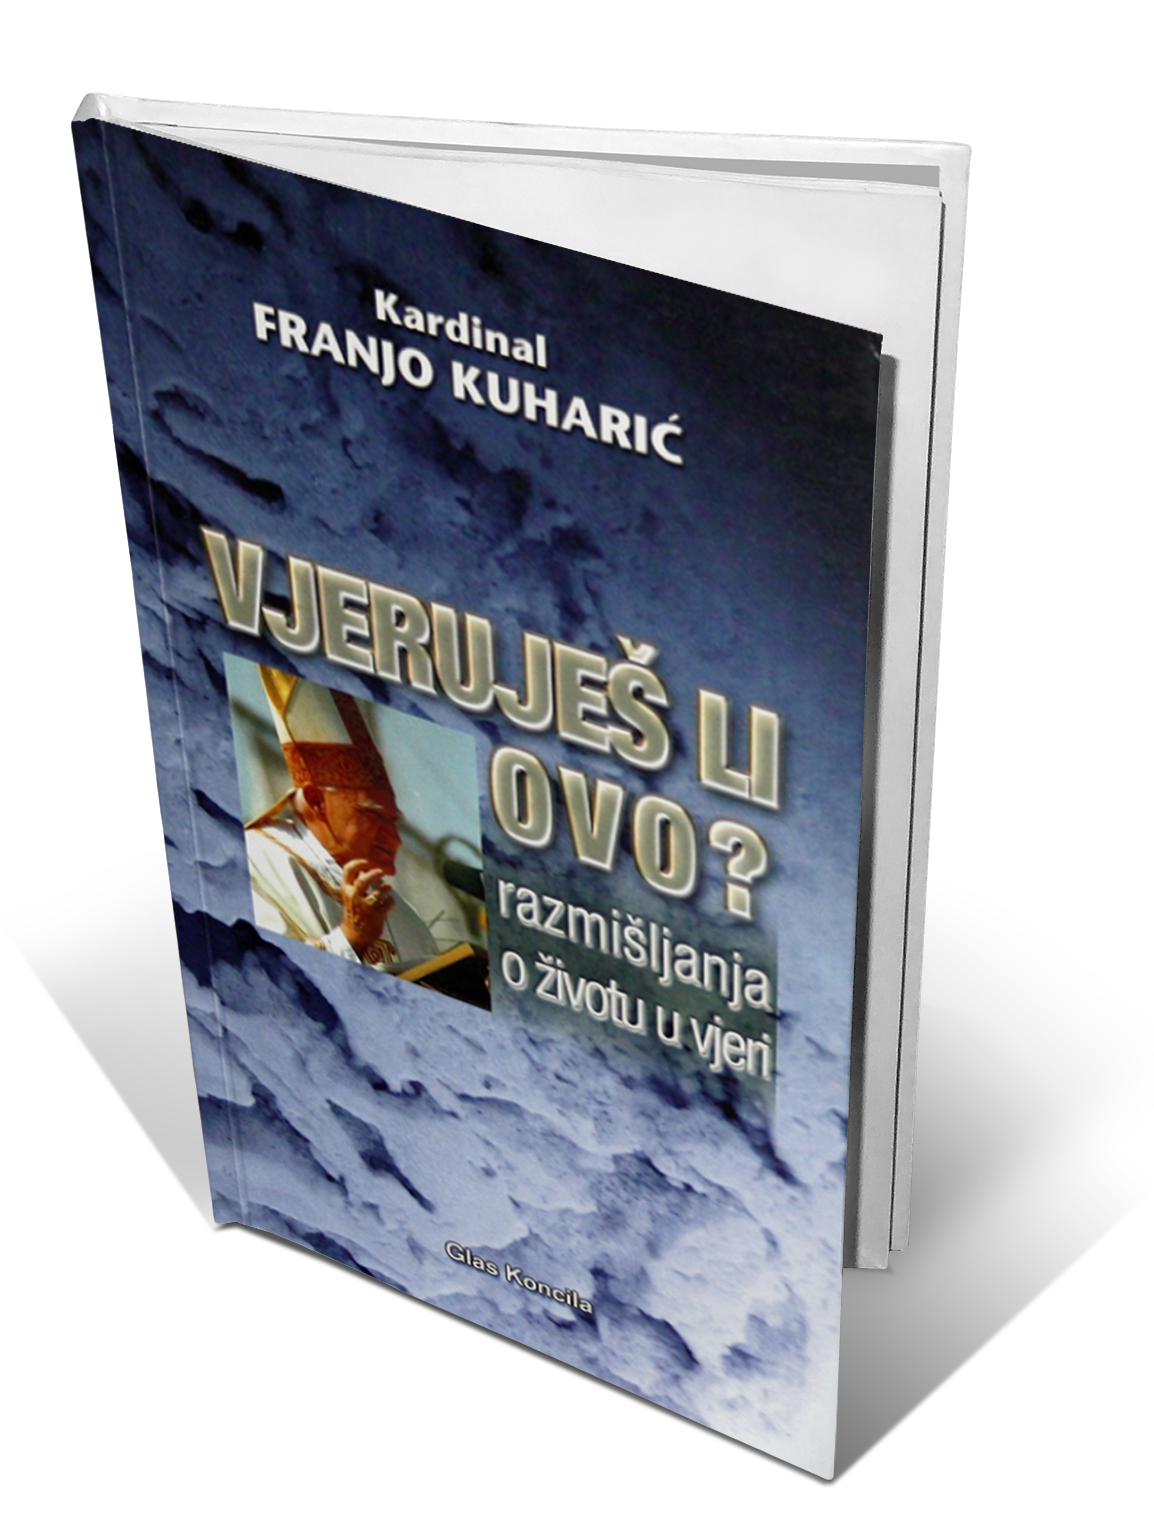 VJERUJEŠ LI OVO? - kardinal Franjo Kuharić